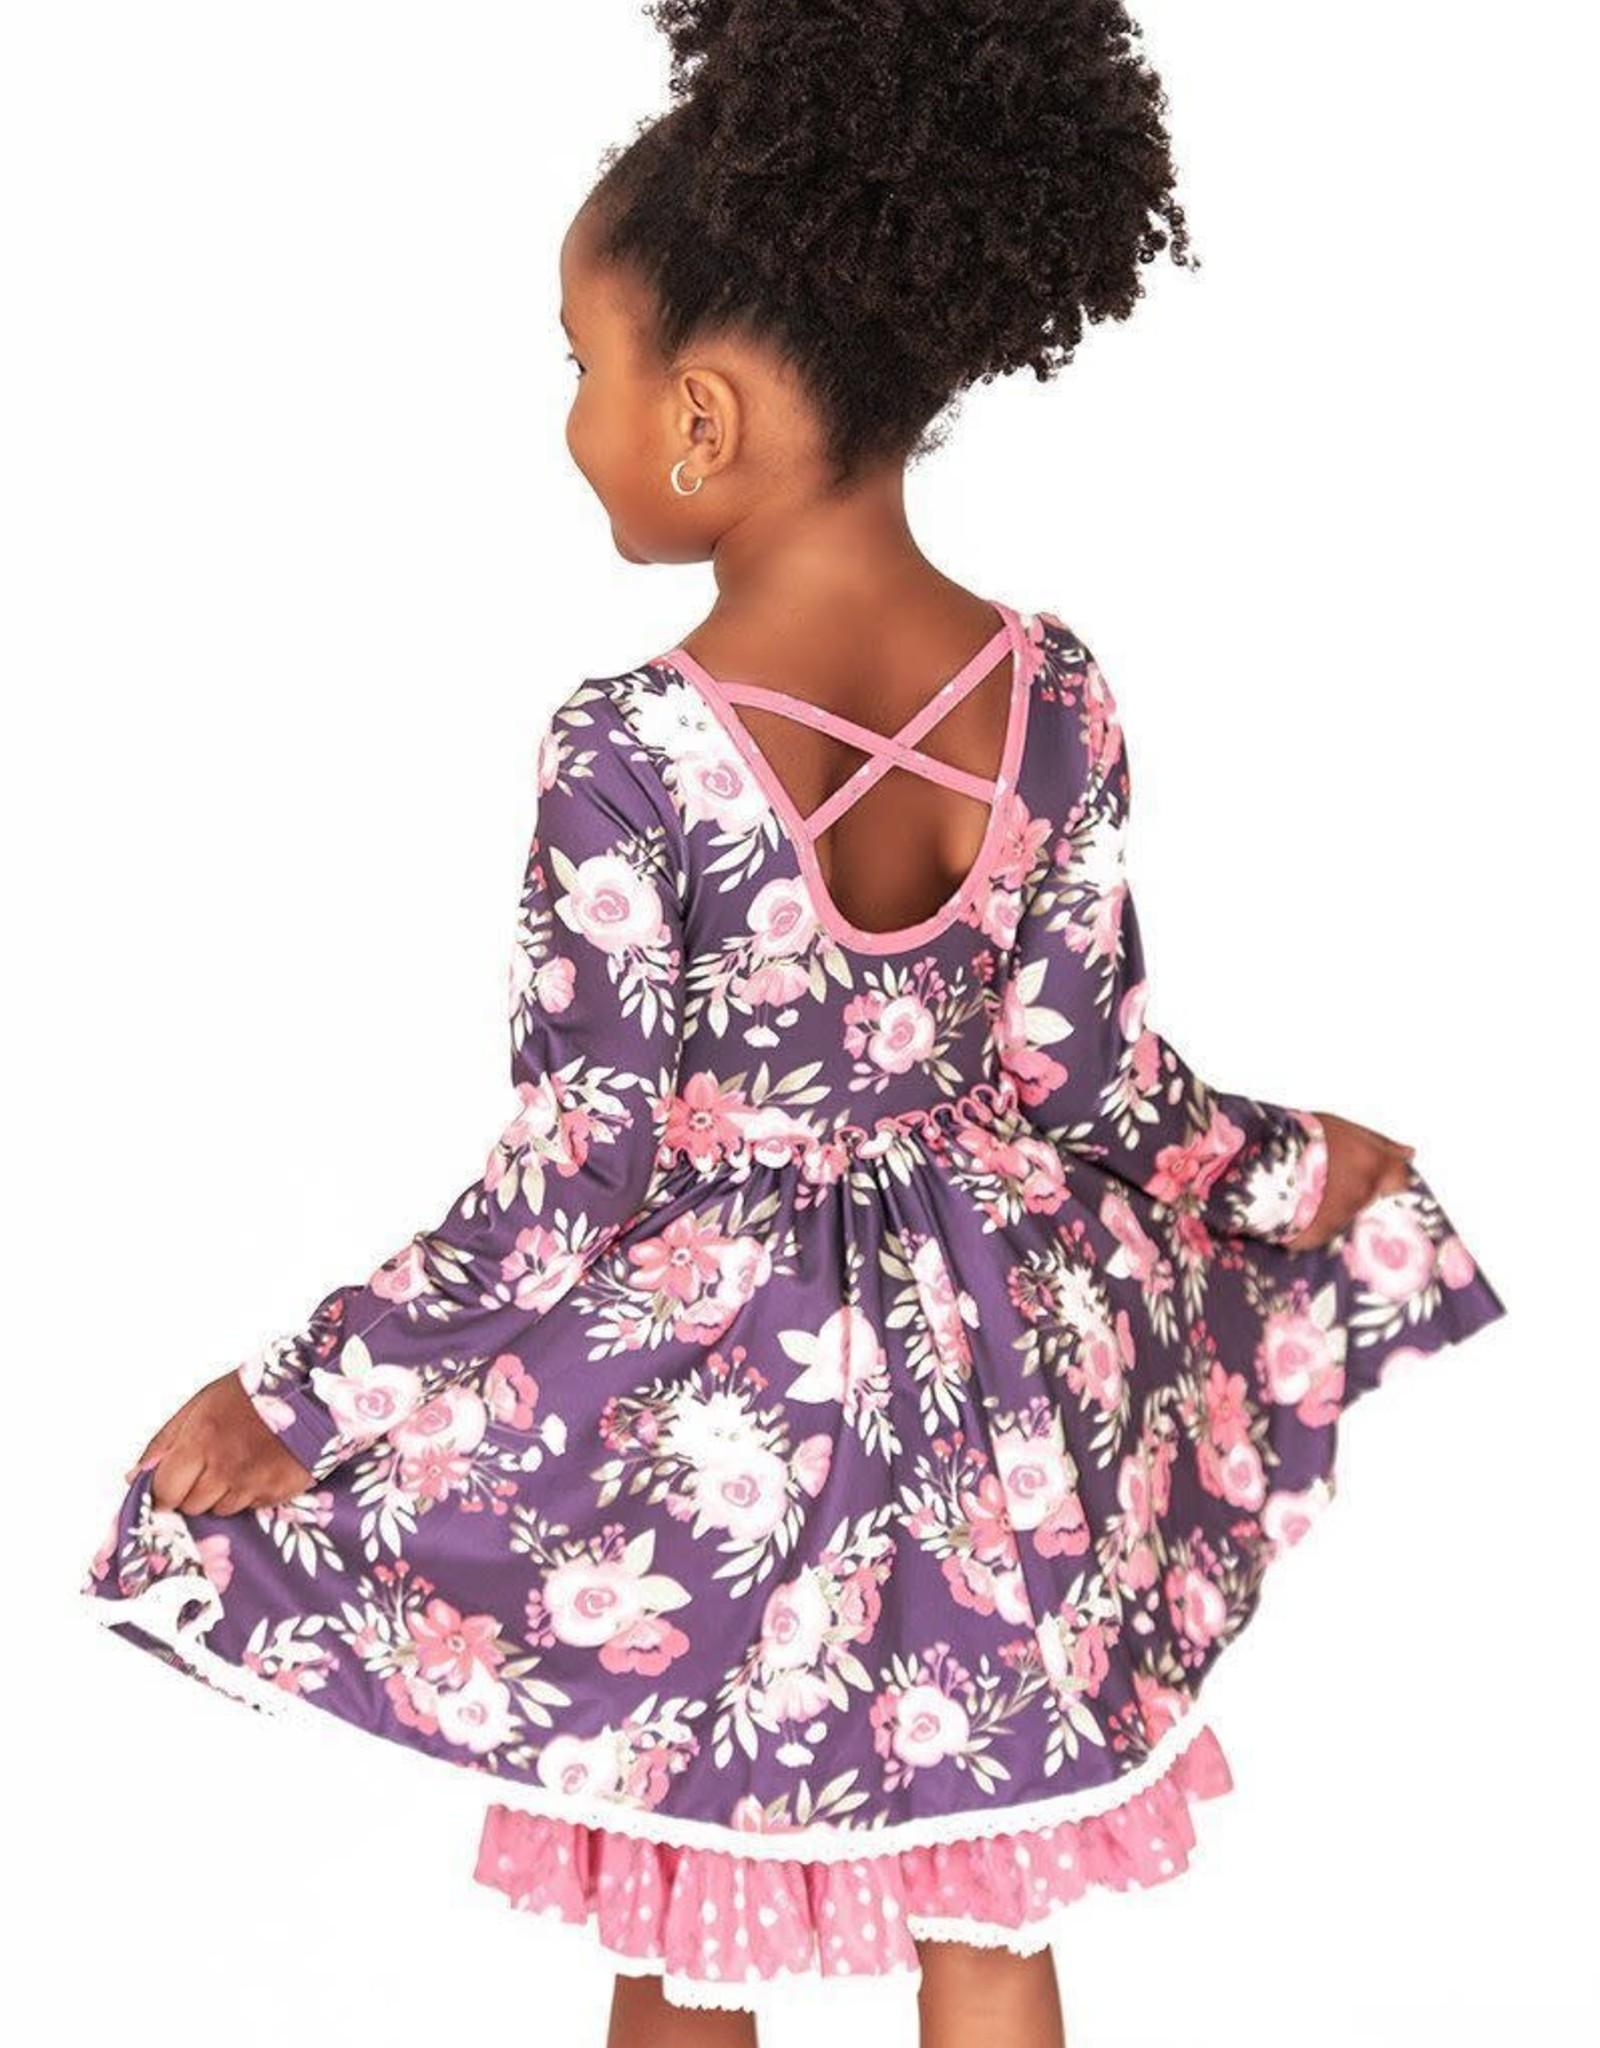 Charlies Project Delicate Flowers Cross Back Twirls Hugs Dress